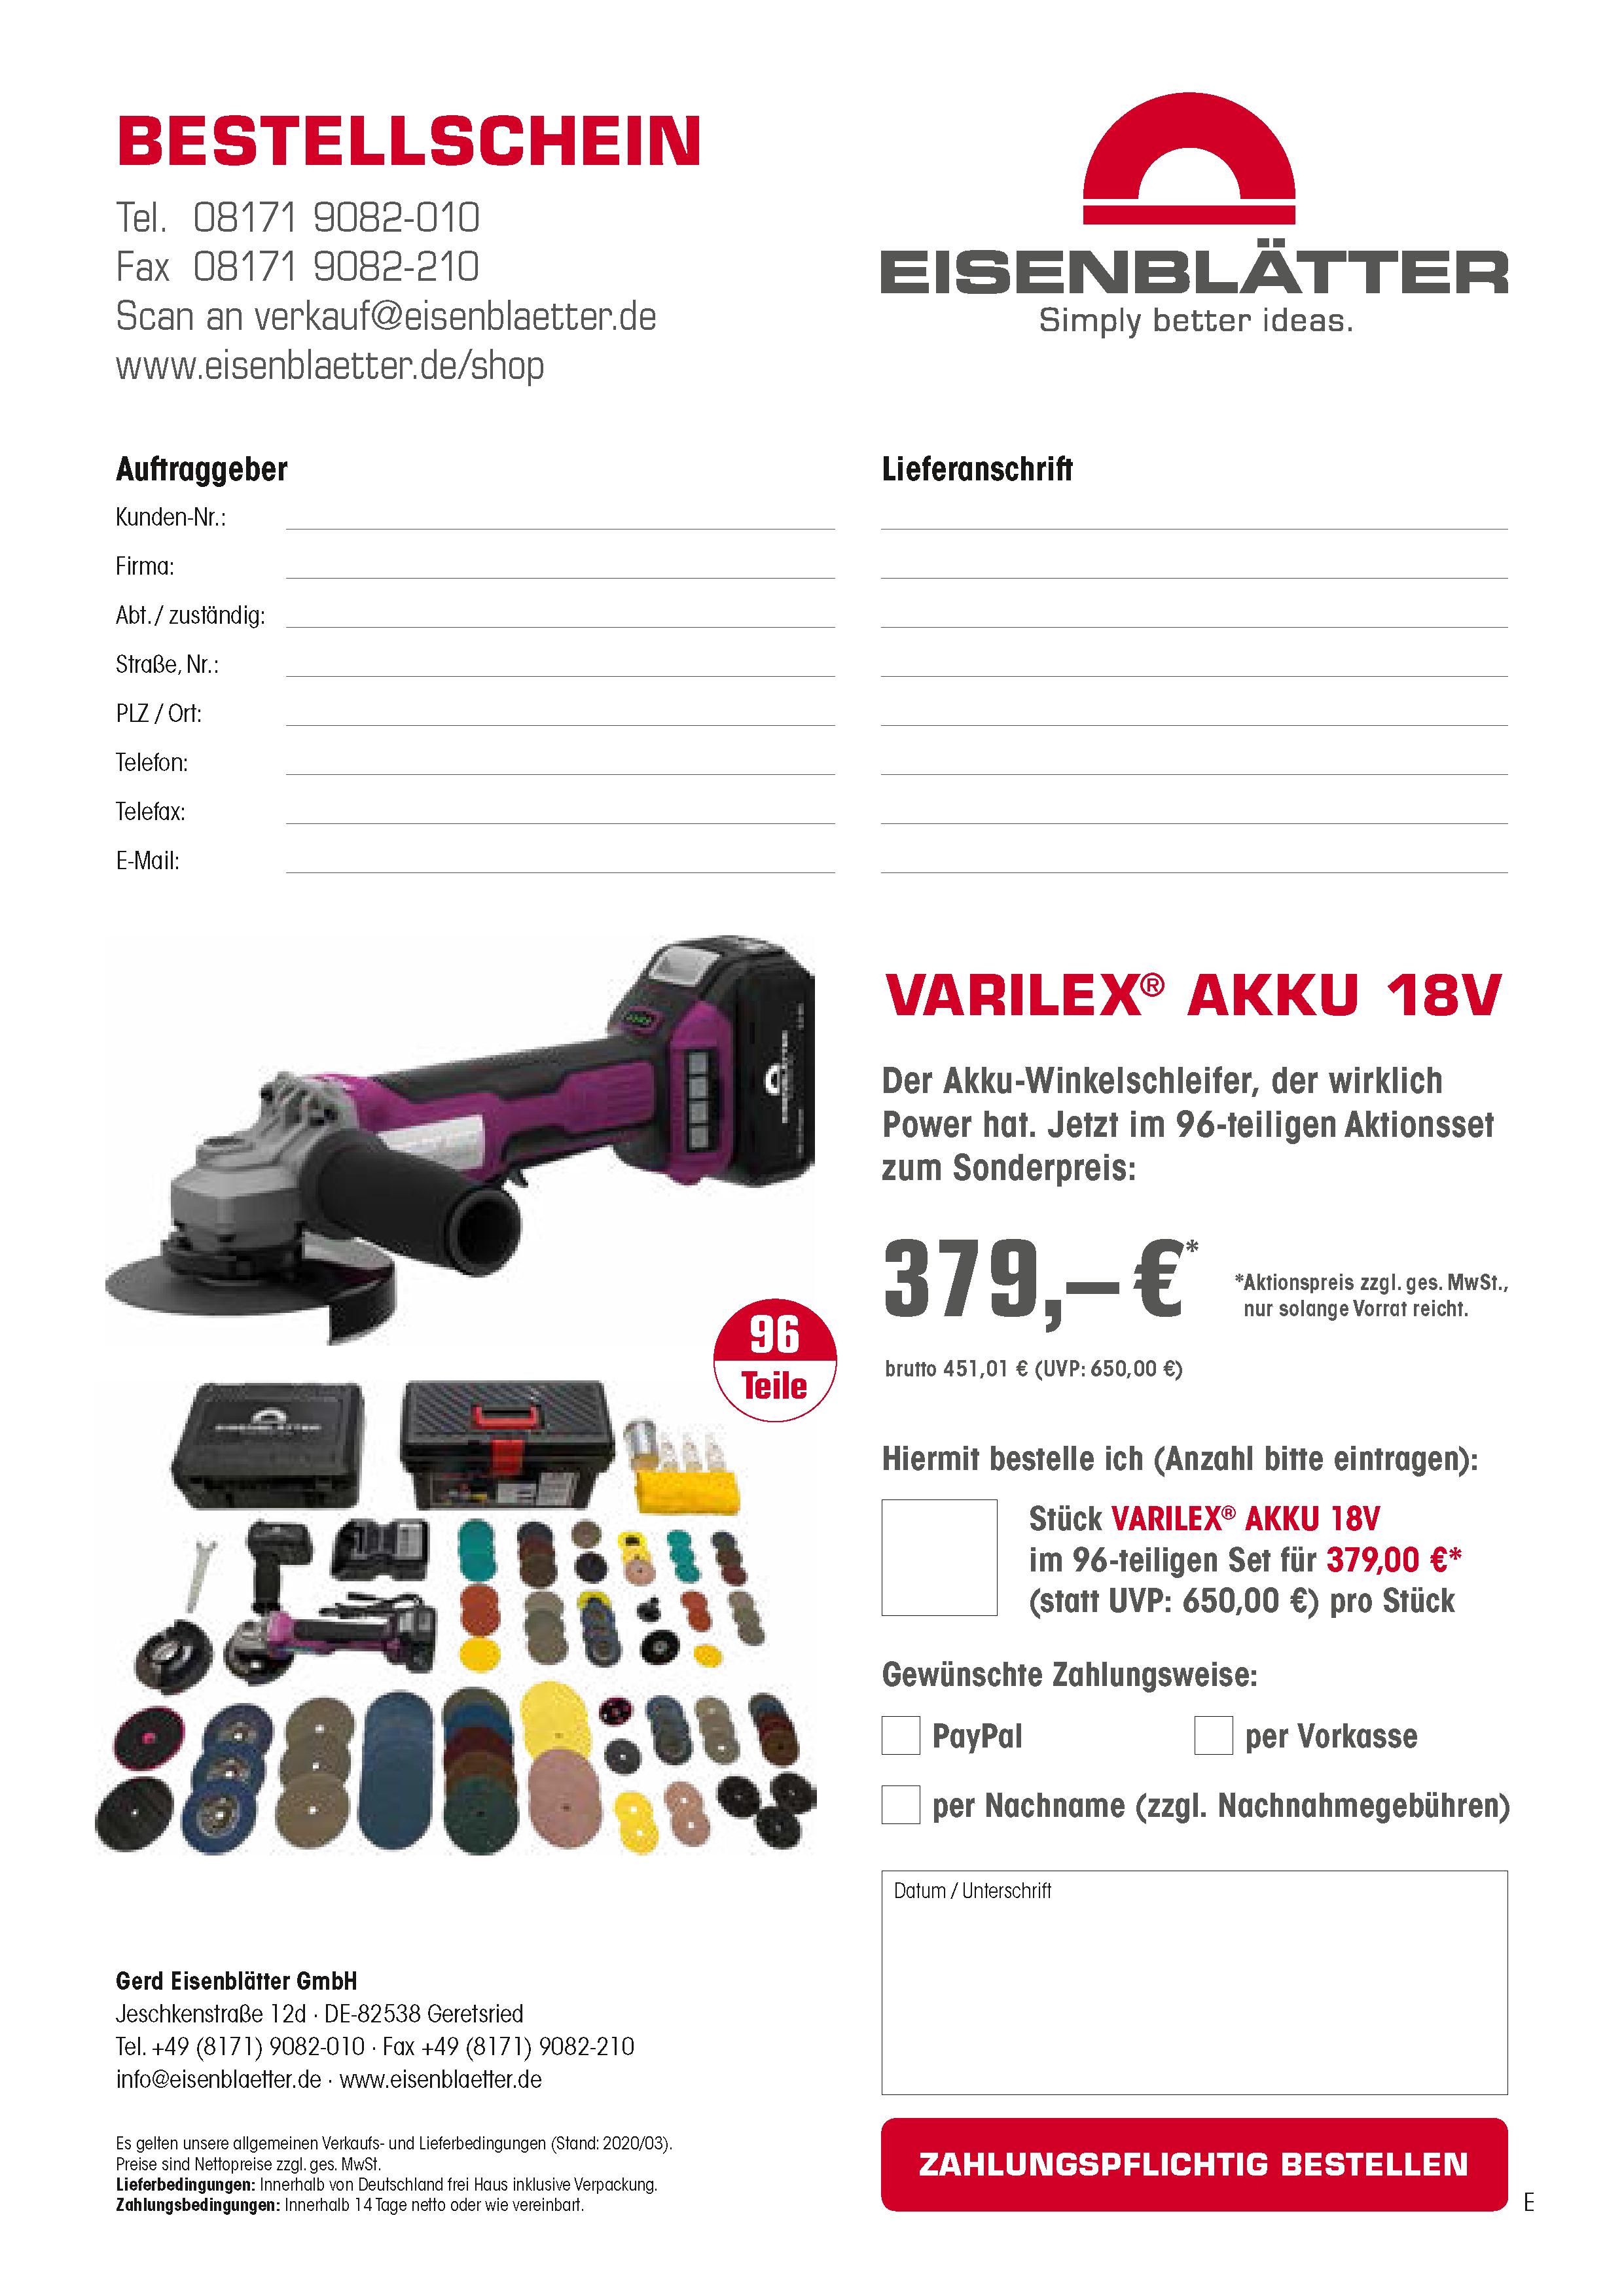 VARILEX Akku 18V Bestellschein